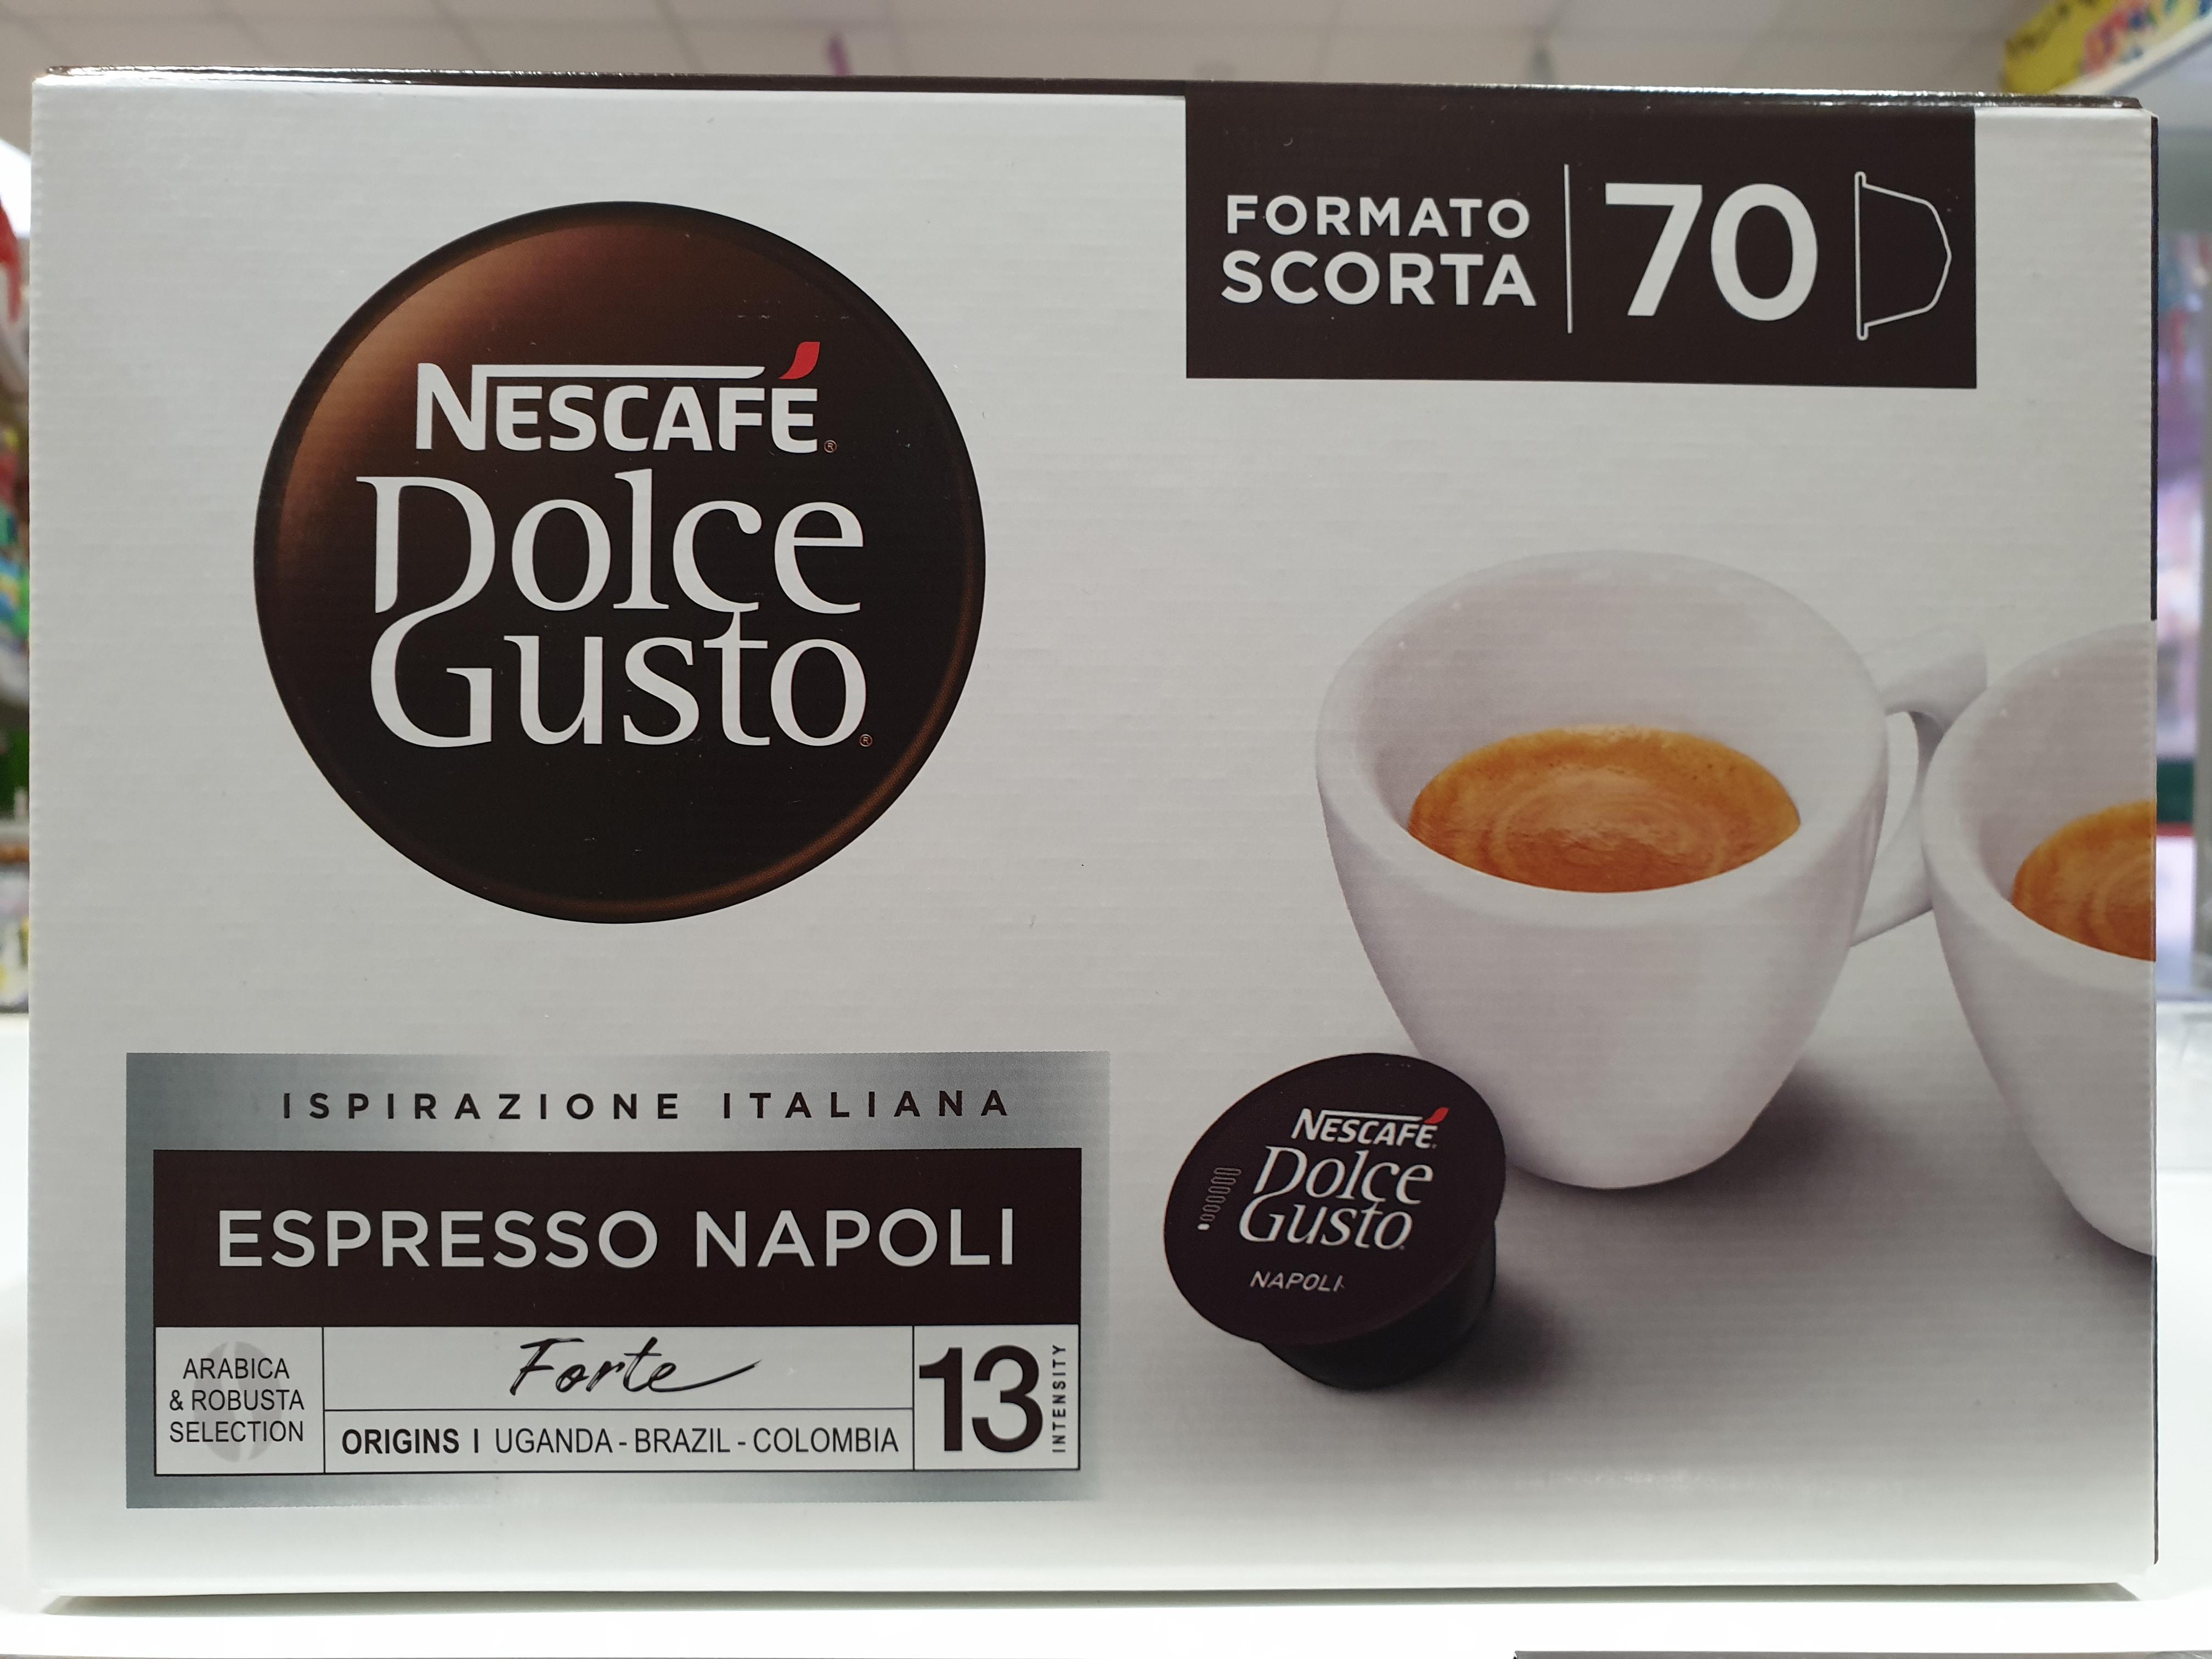 70 Capsule Dolce Gusto Espresso Napoli